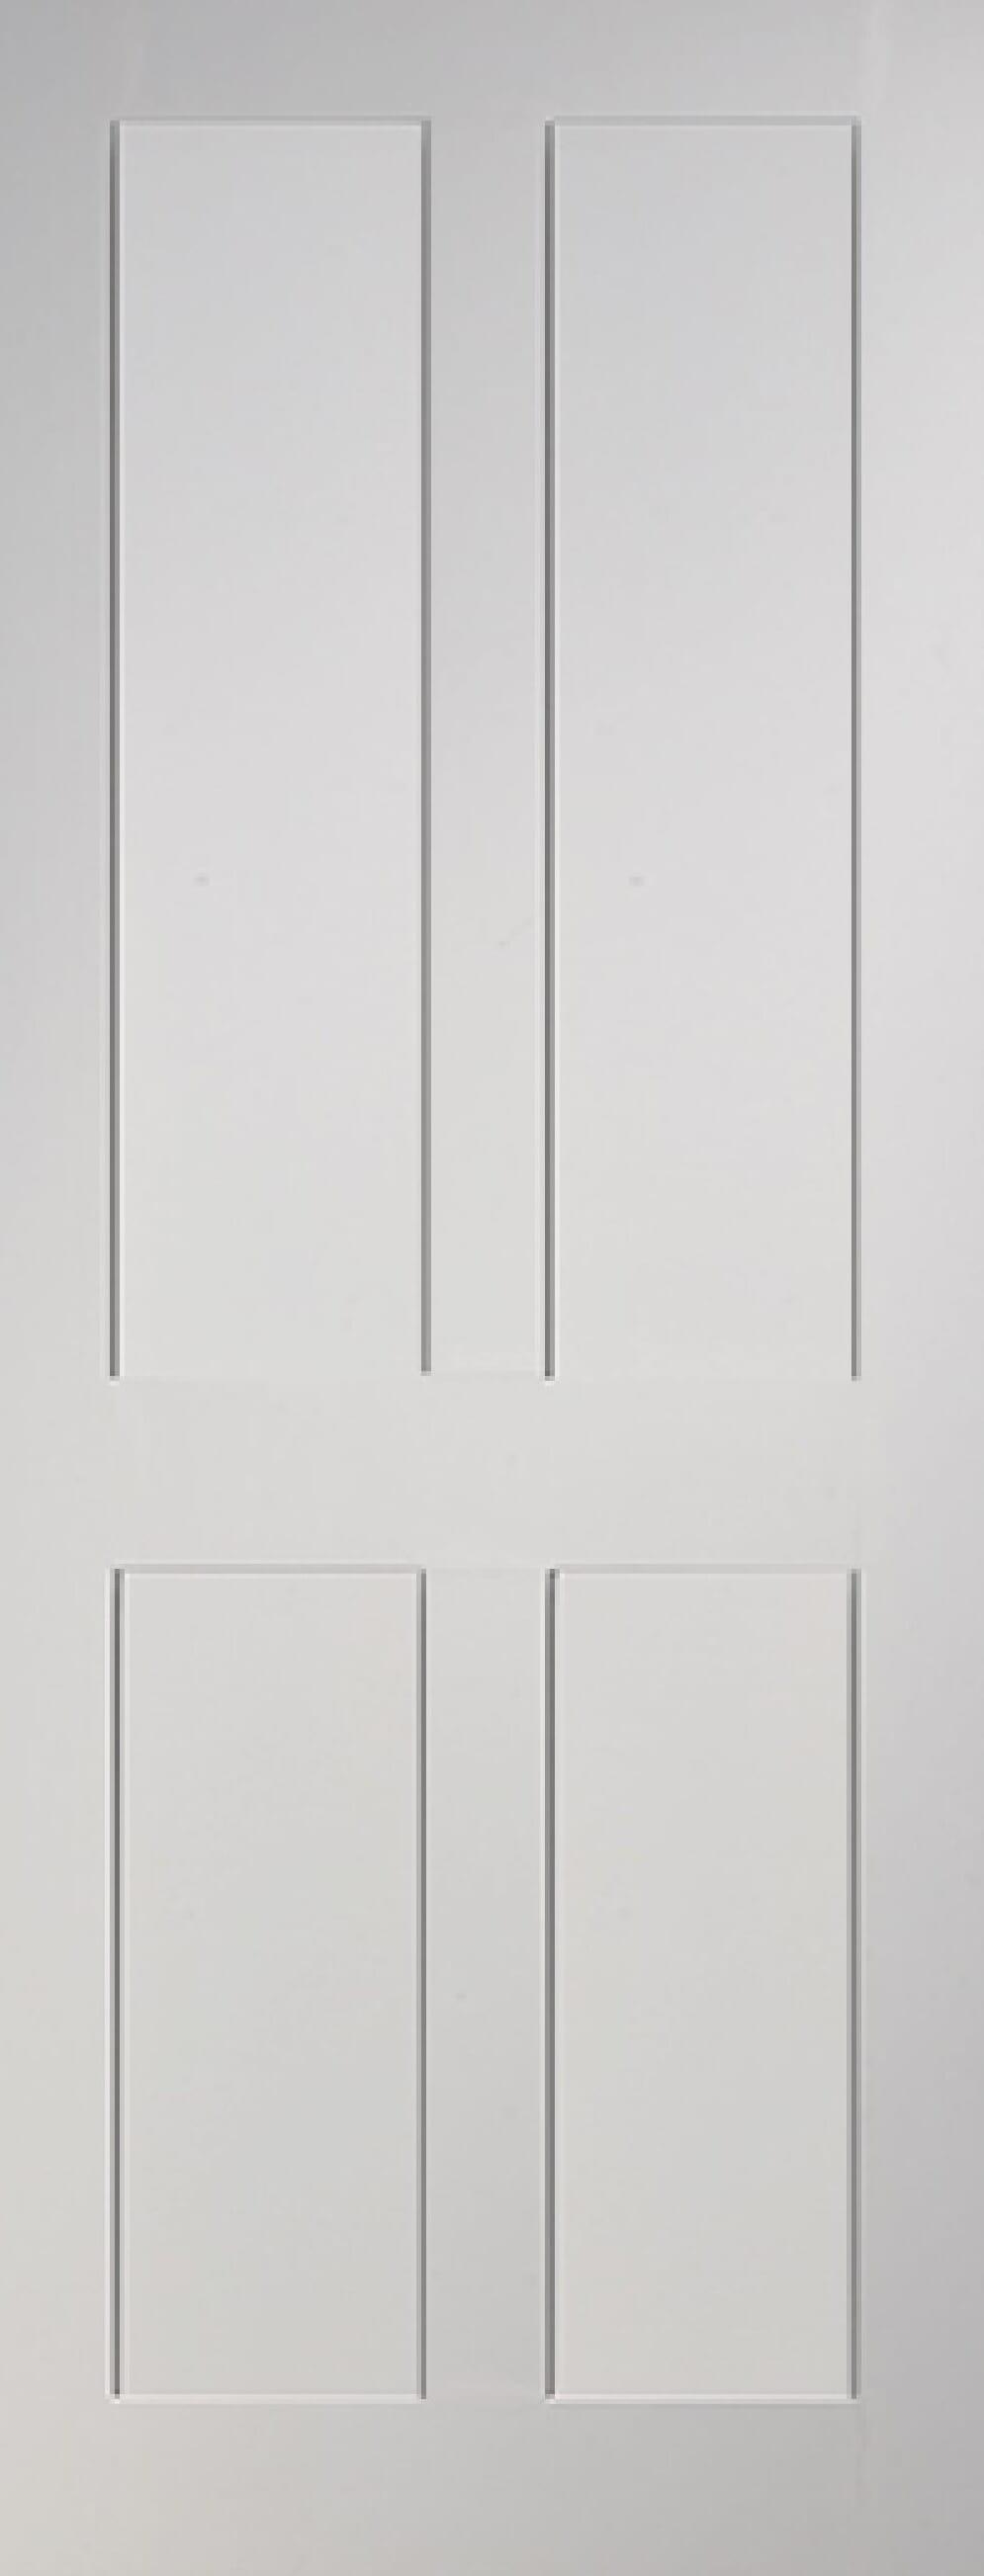 Eton 4 Panel Flat White Image